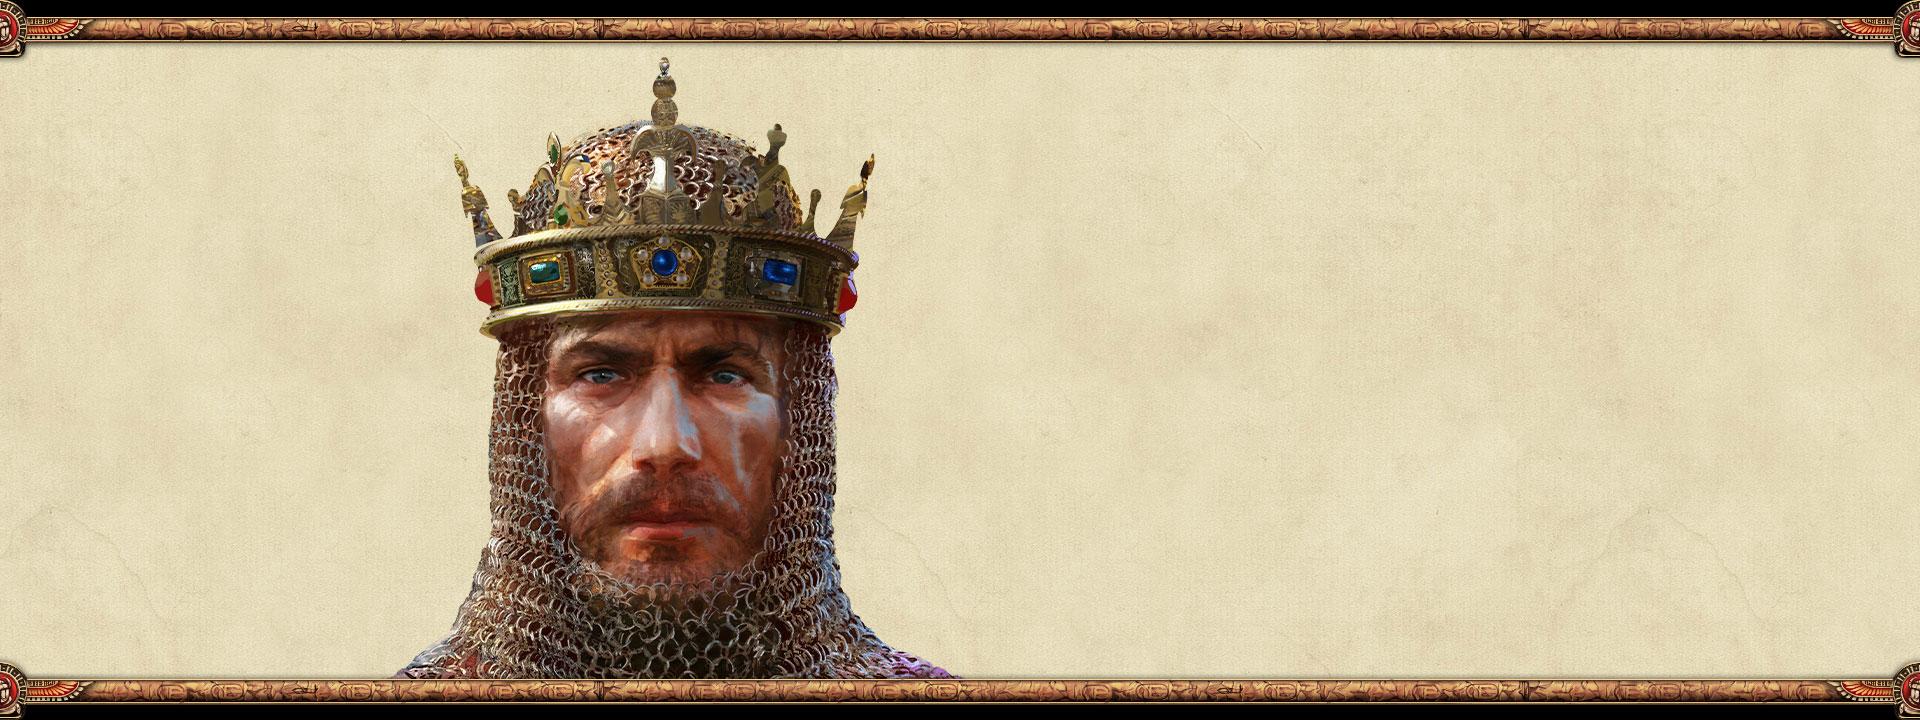 En härskare med en ringbrynja och en krona